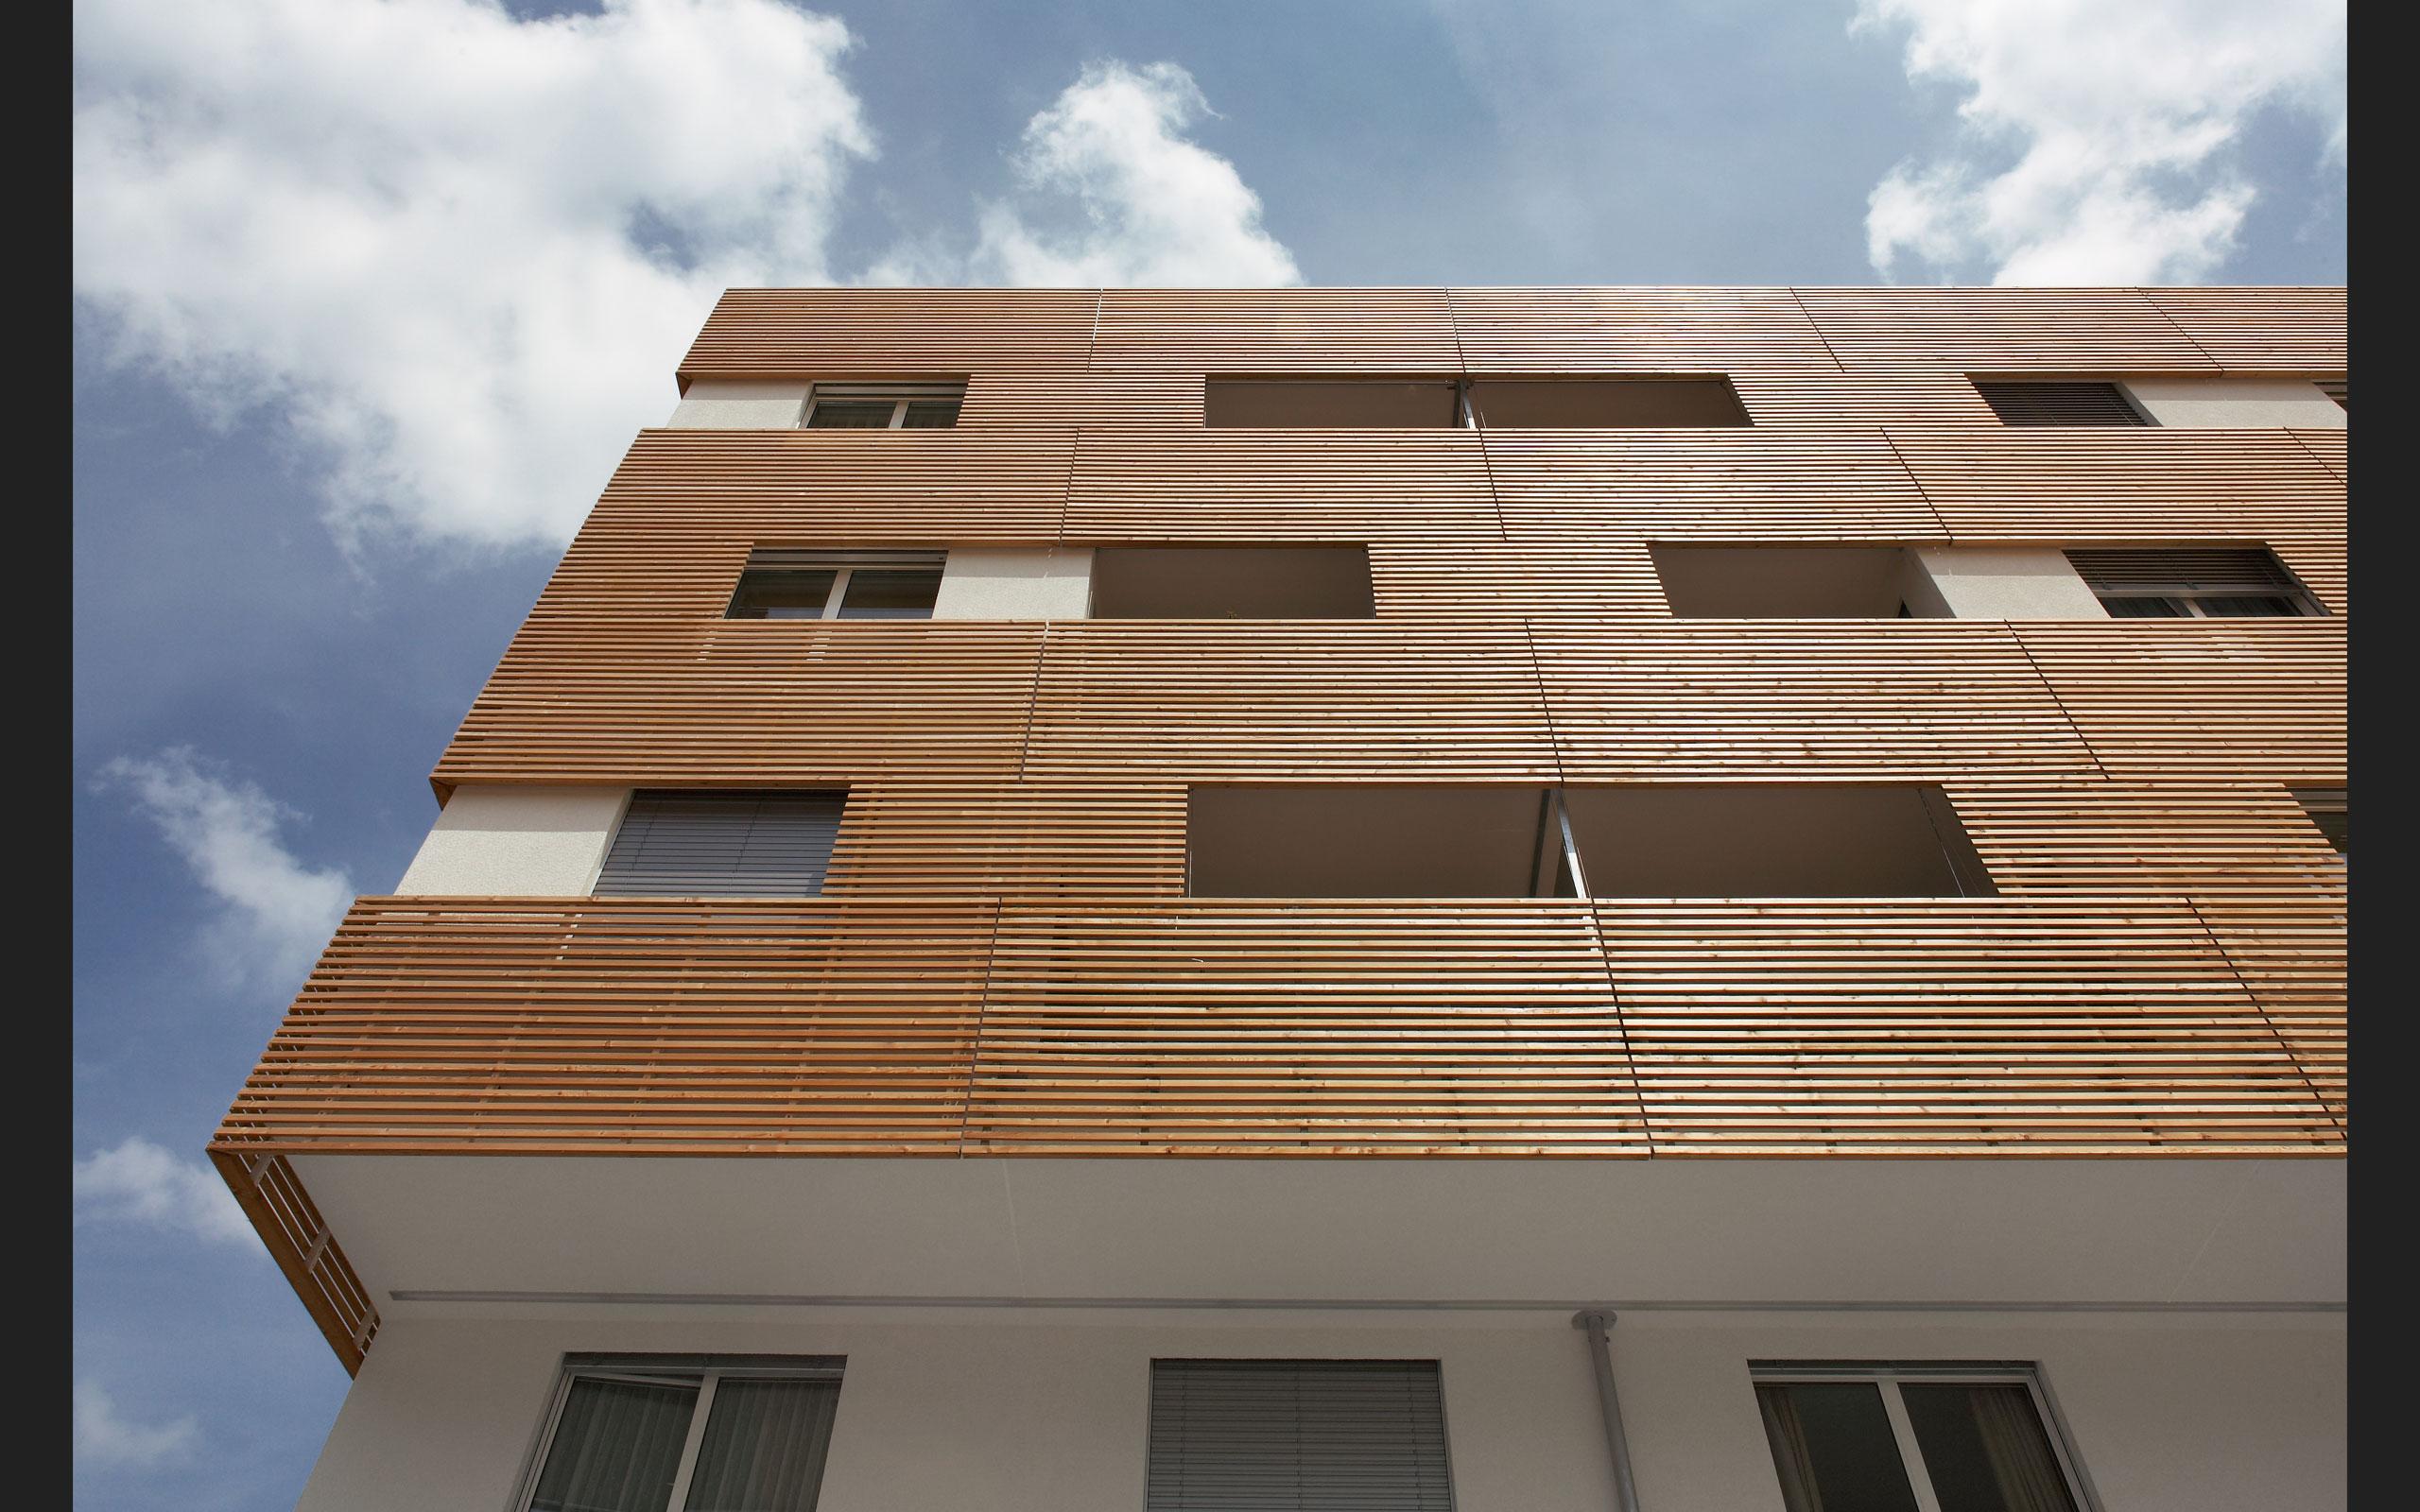 Architektur: Burckhardt u. Partner, Hausmatte, Hinterkappelen